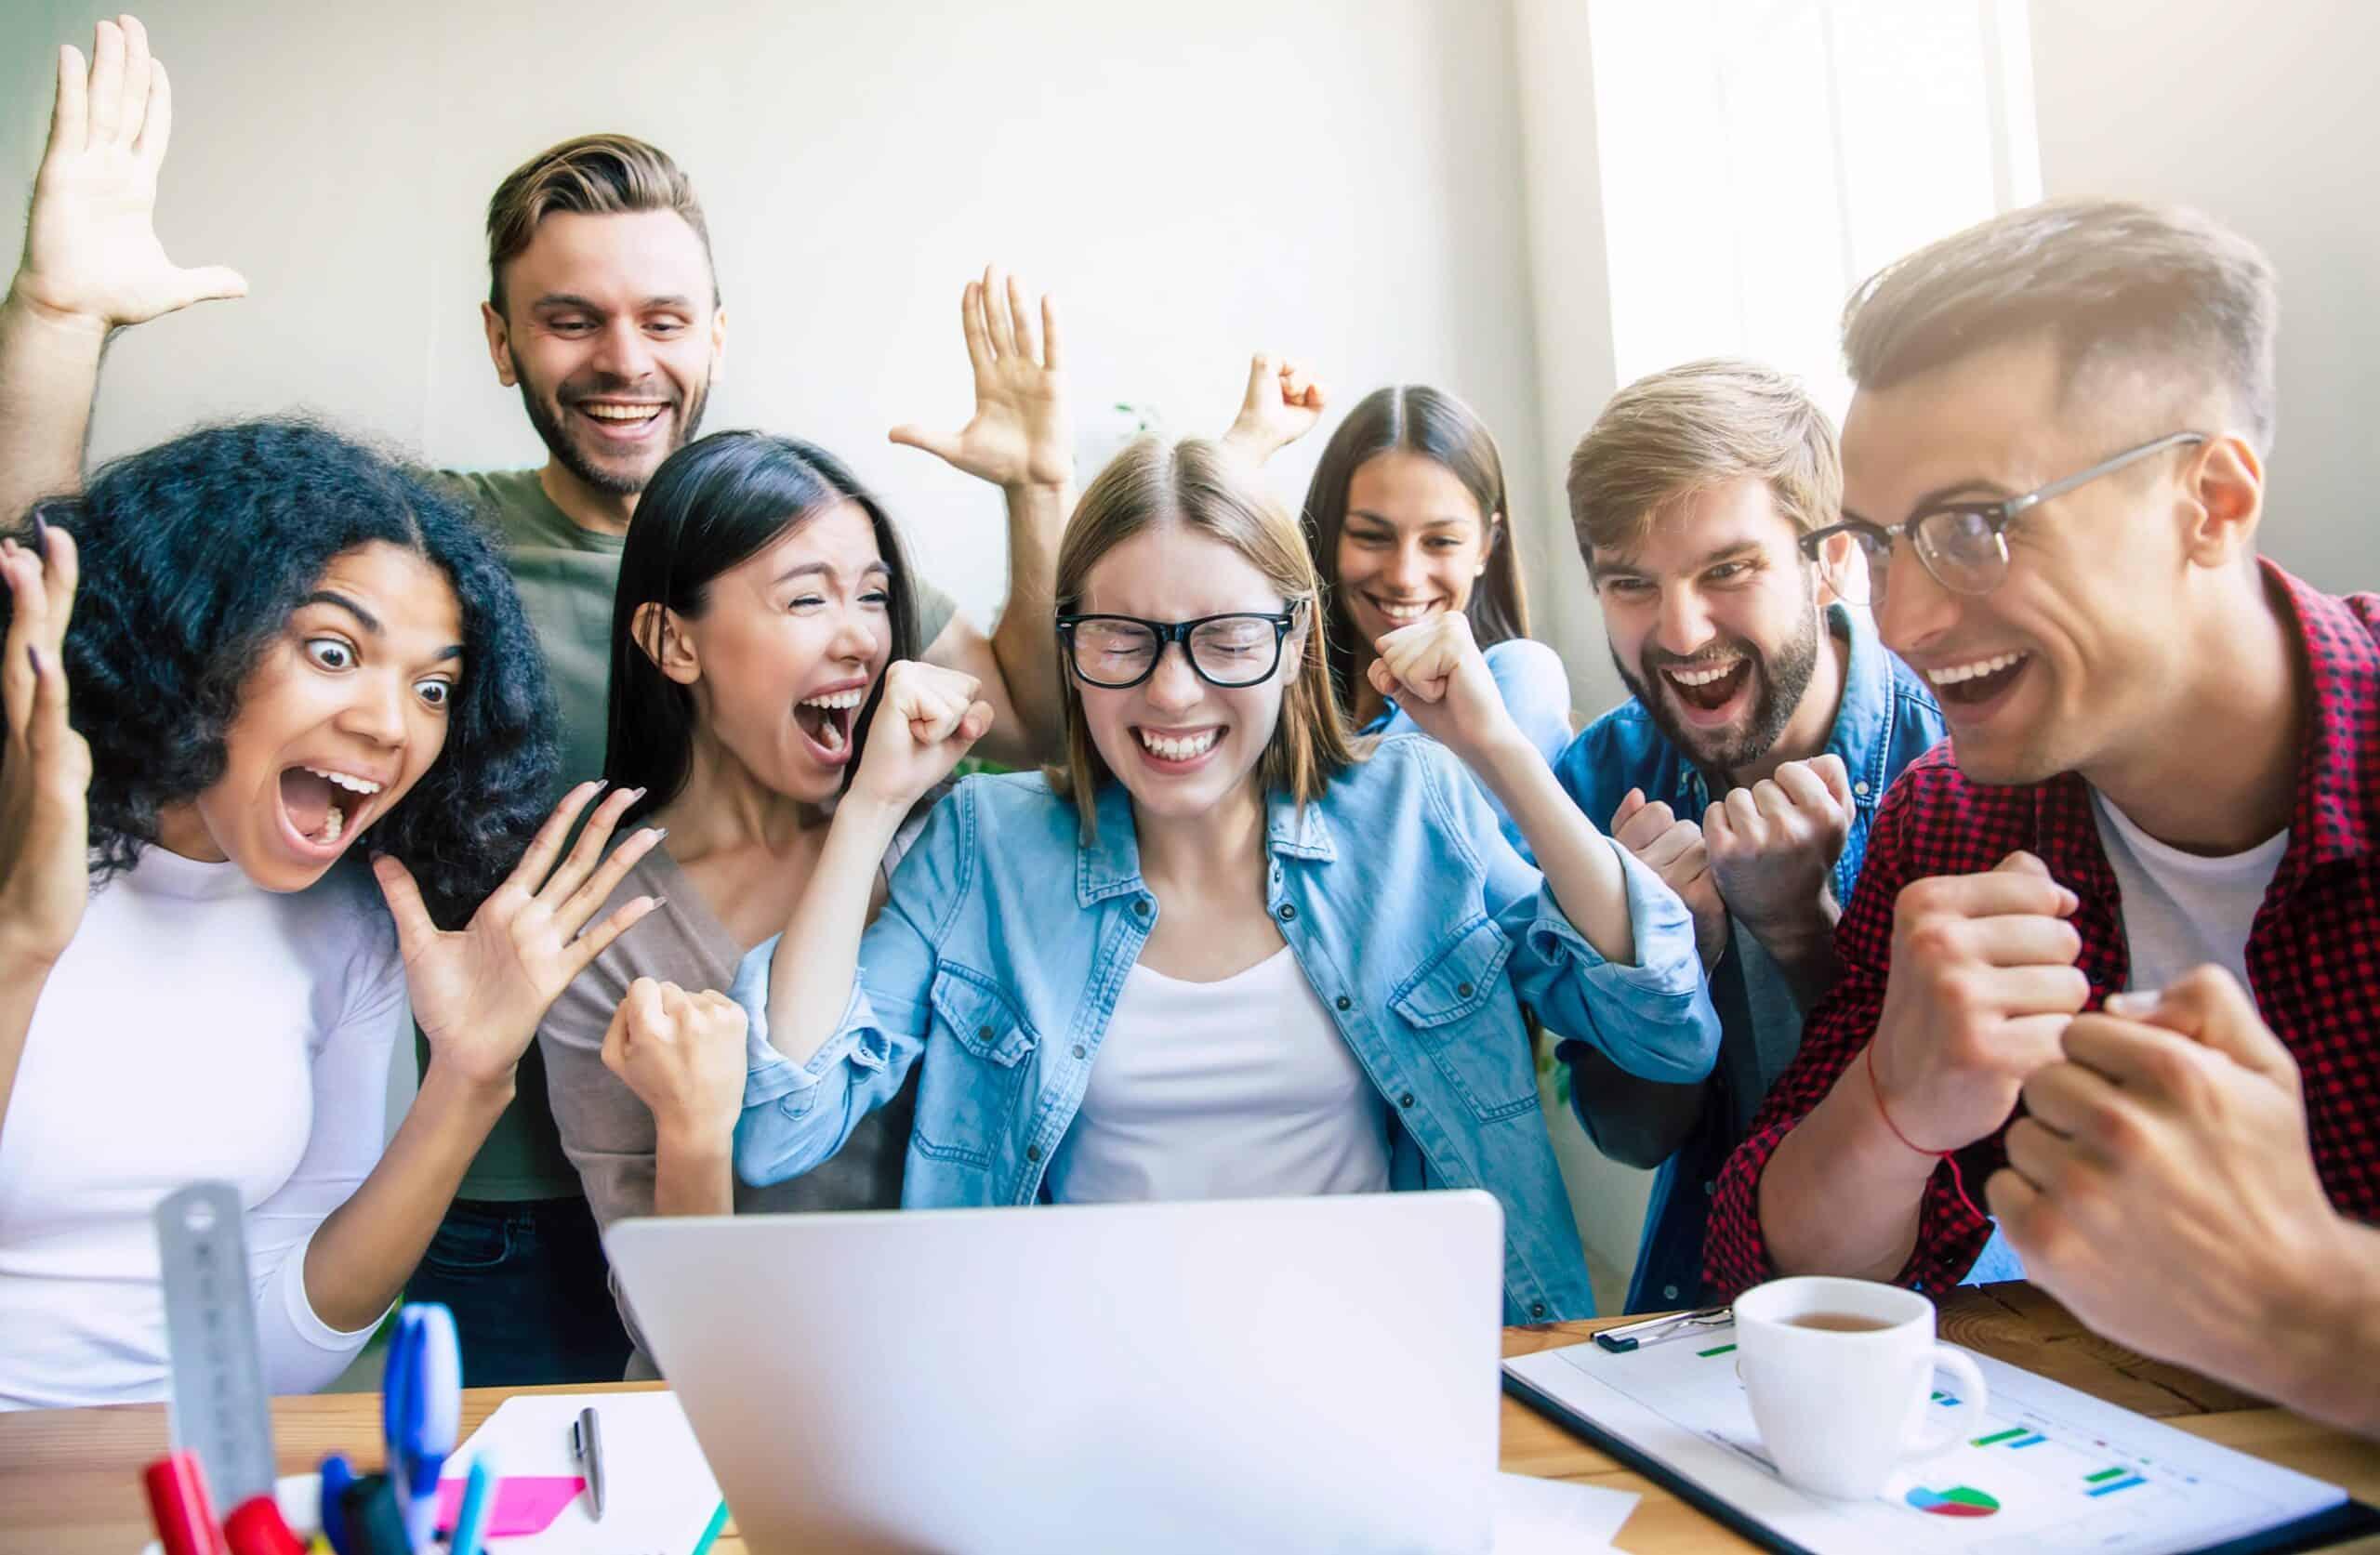 Team bon jungen Kollegen und Kolleginnen sitz vor einem Laptop und freut sich über einen Erfolg